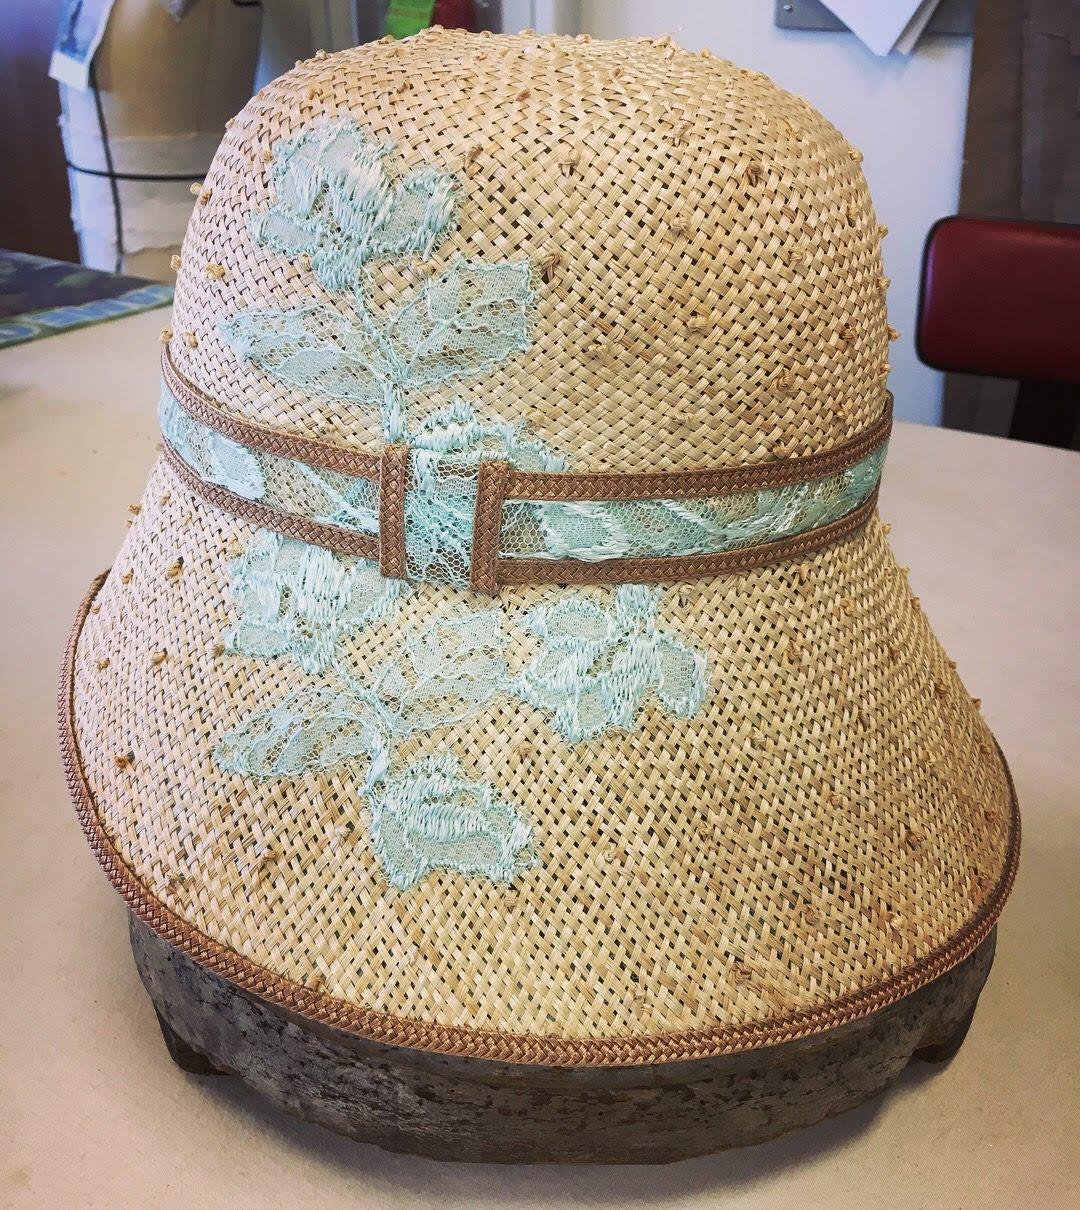 Milliner  Blocked Straw Bonnet  Designer - Tessa Barlotta